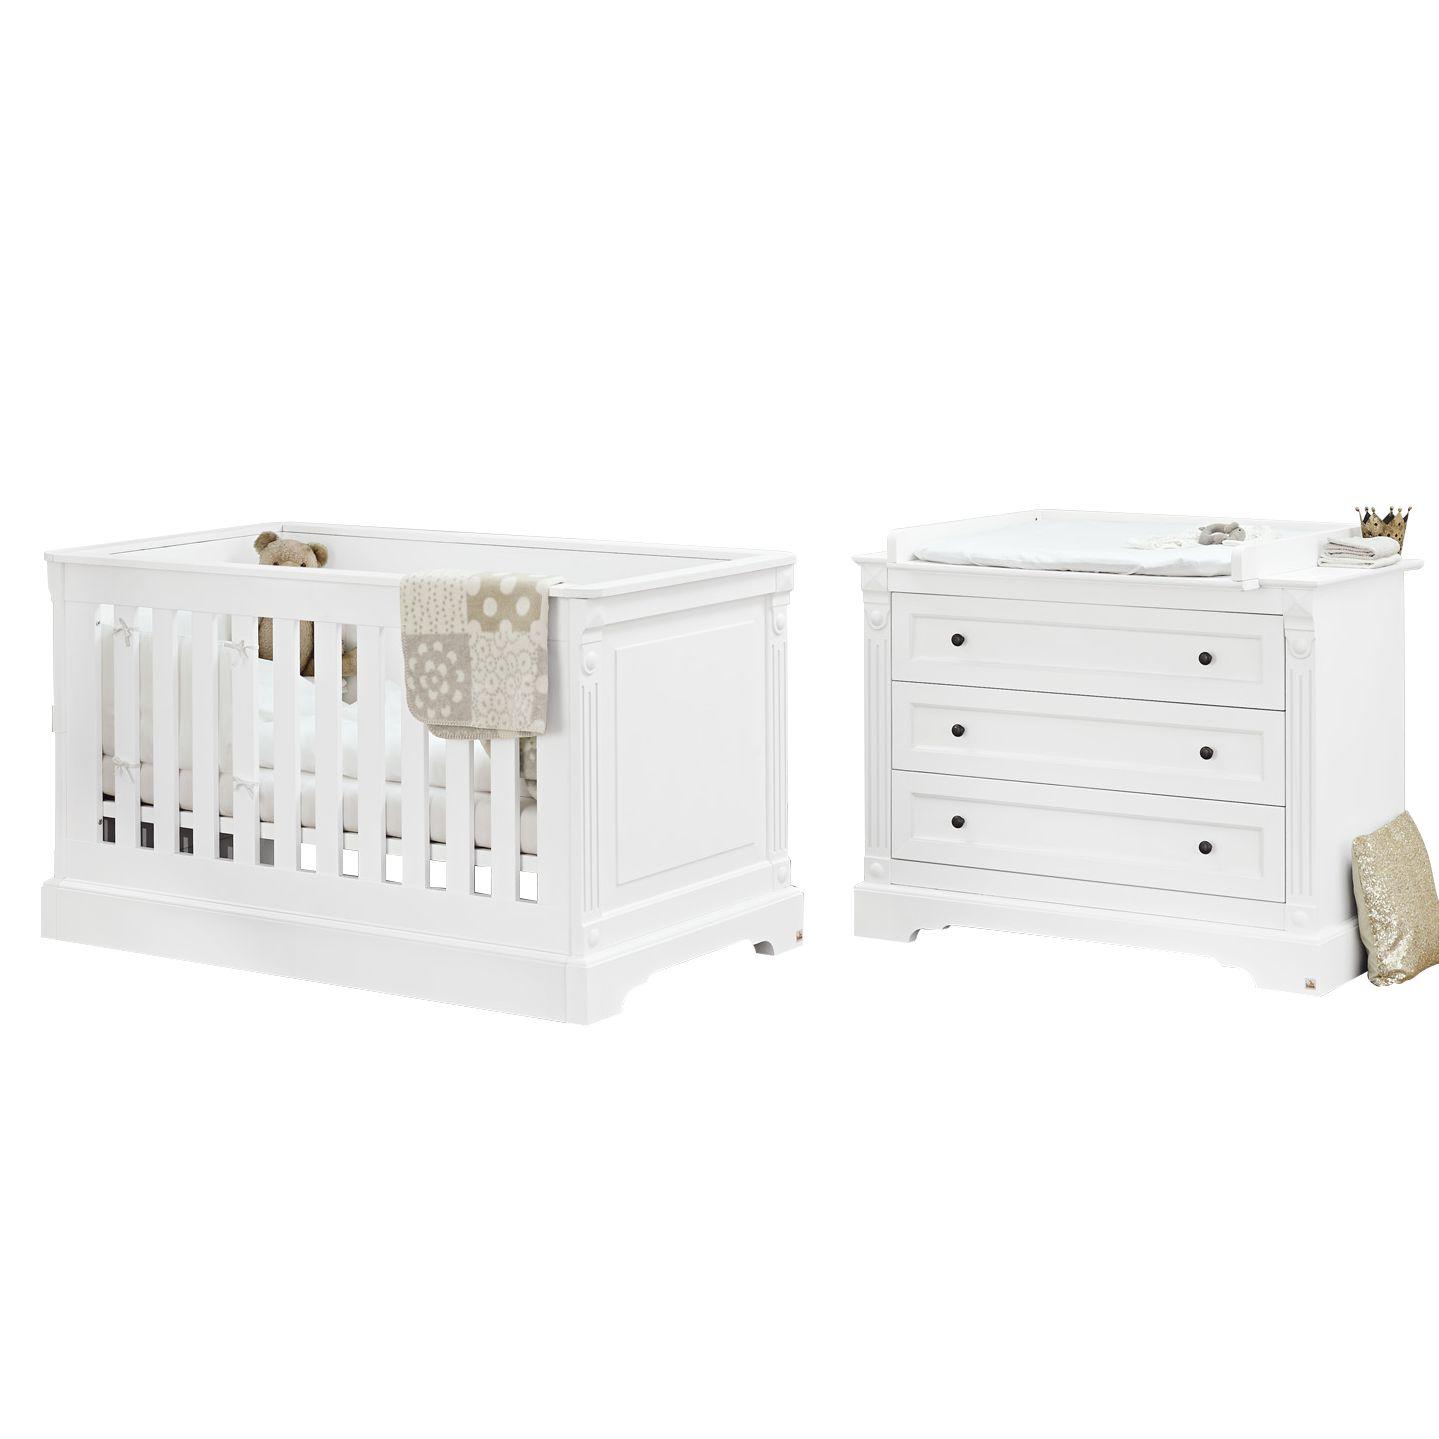 Babyzimmerset Emilia (2-teilig) - Weiß, Pinolino